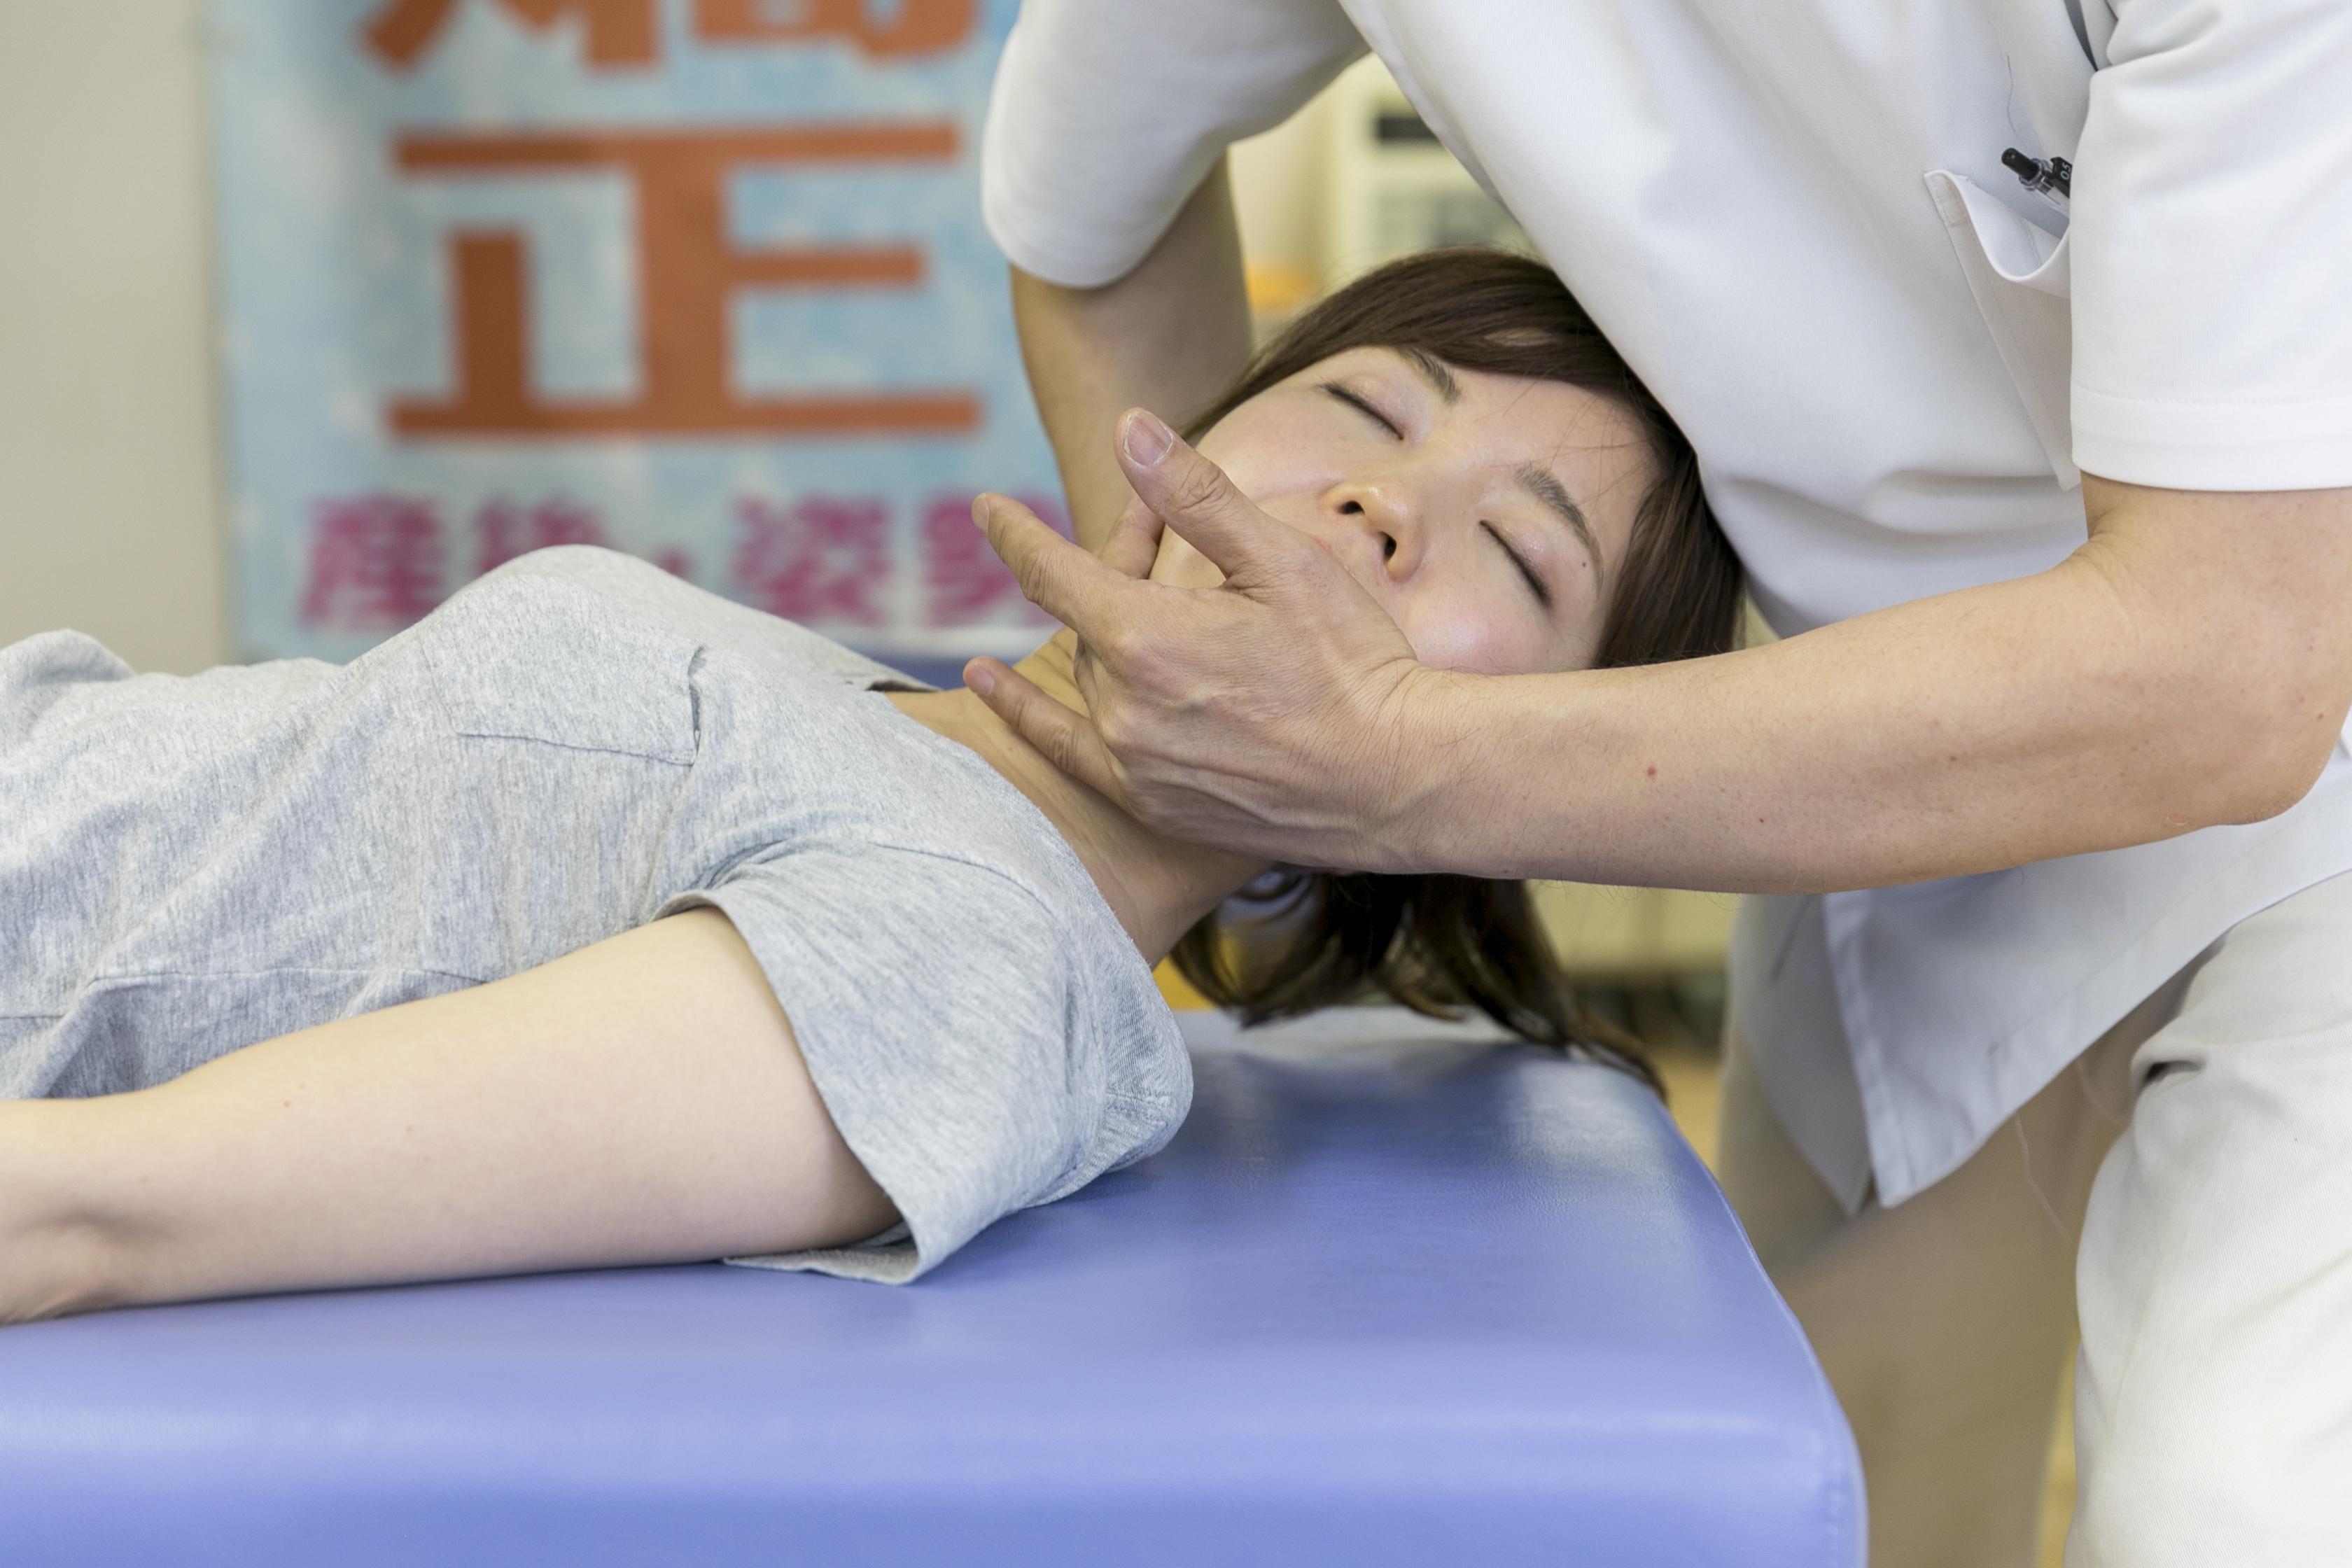 【首の痛み、疲れ】首の痛みや疲れを取るのに効果的な体操は? 名古屋市東区 天仁接骨院・天仁鍼灸院